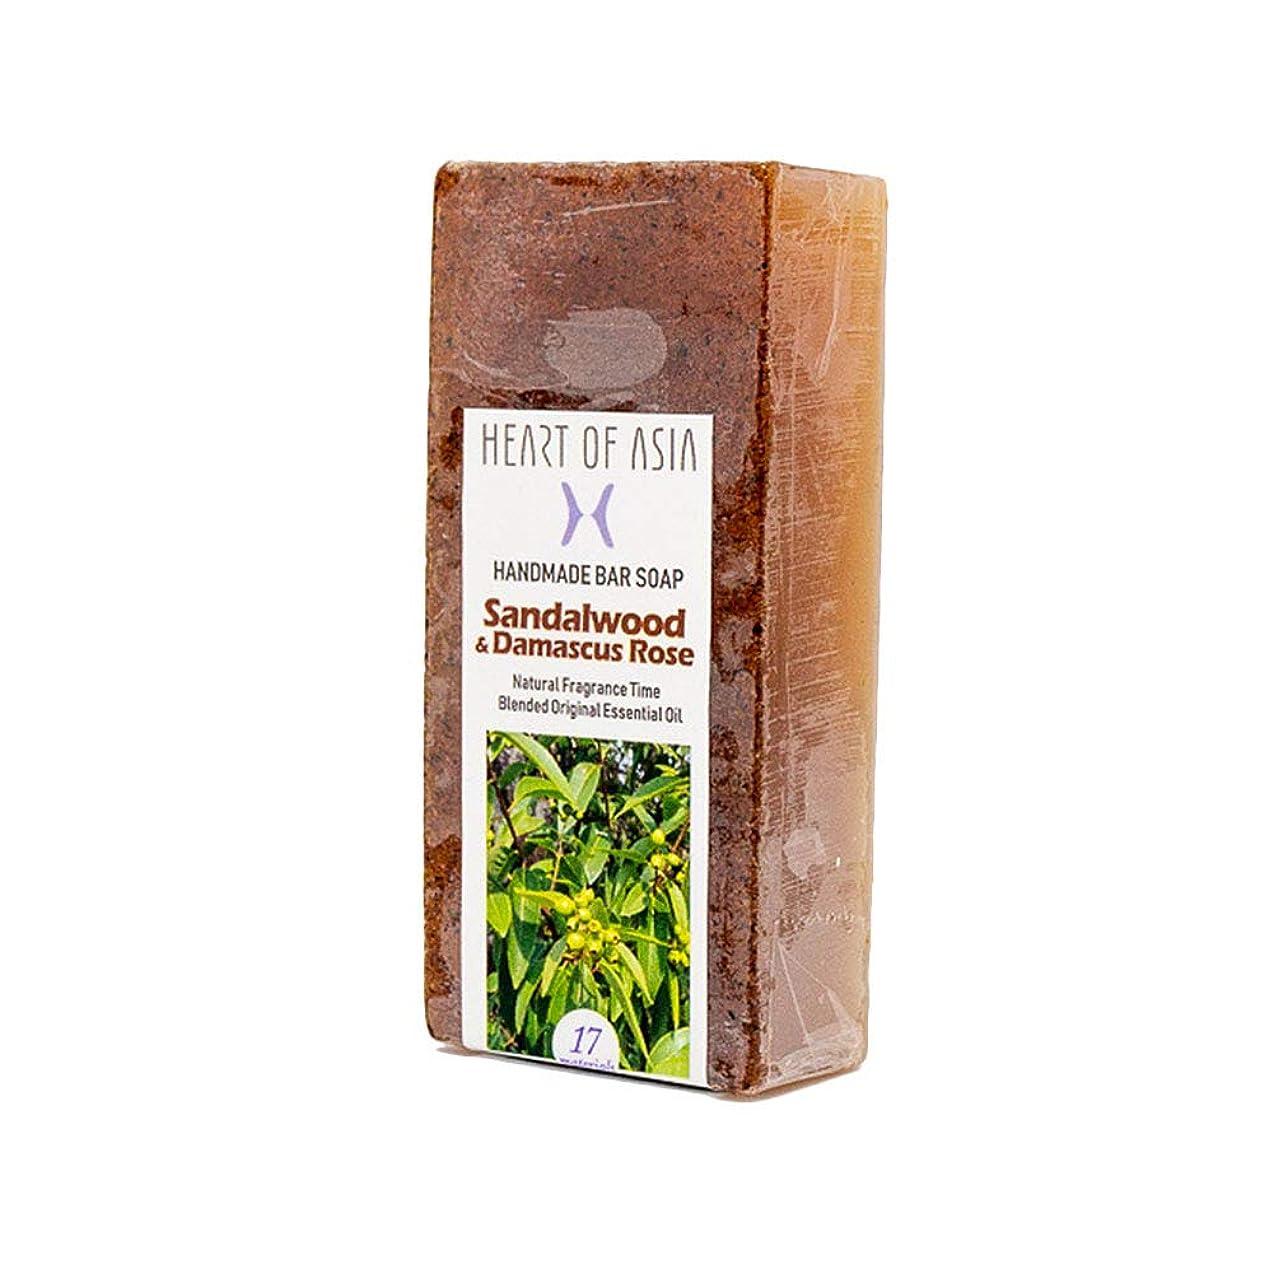 上院議員千返還香水のようなフレグランス石けん HANDMADE BAR SOAP ~Sandalwood&Damascus Rose~ (単品)